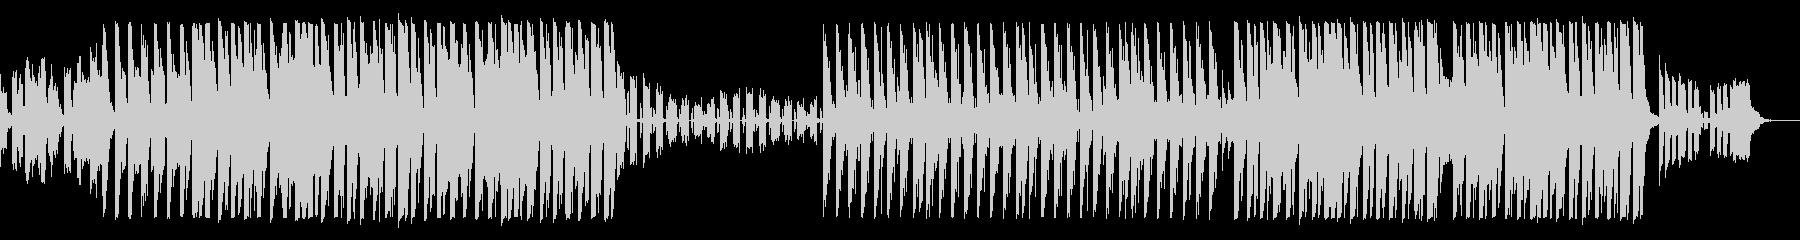 可愛らしい雰囲気のピアノEDMの未再生の波形